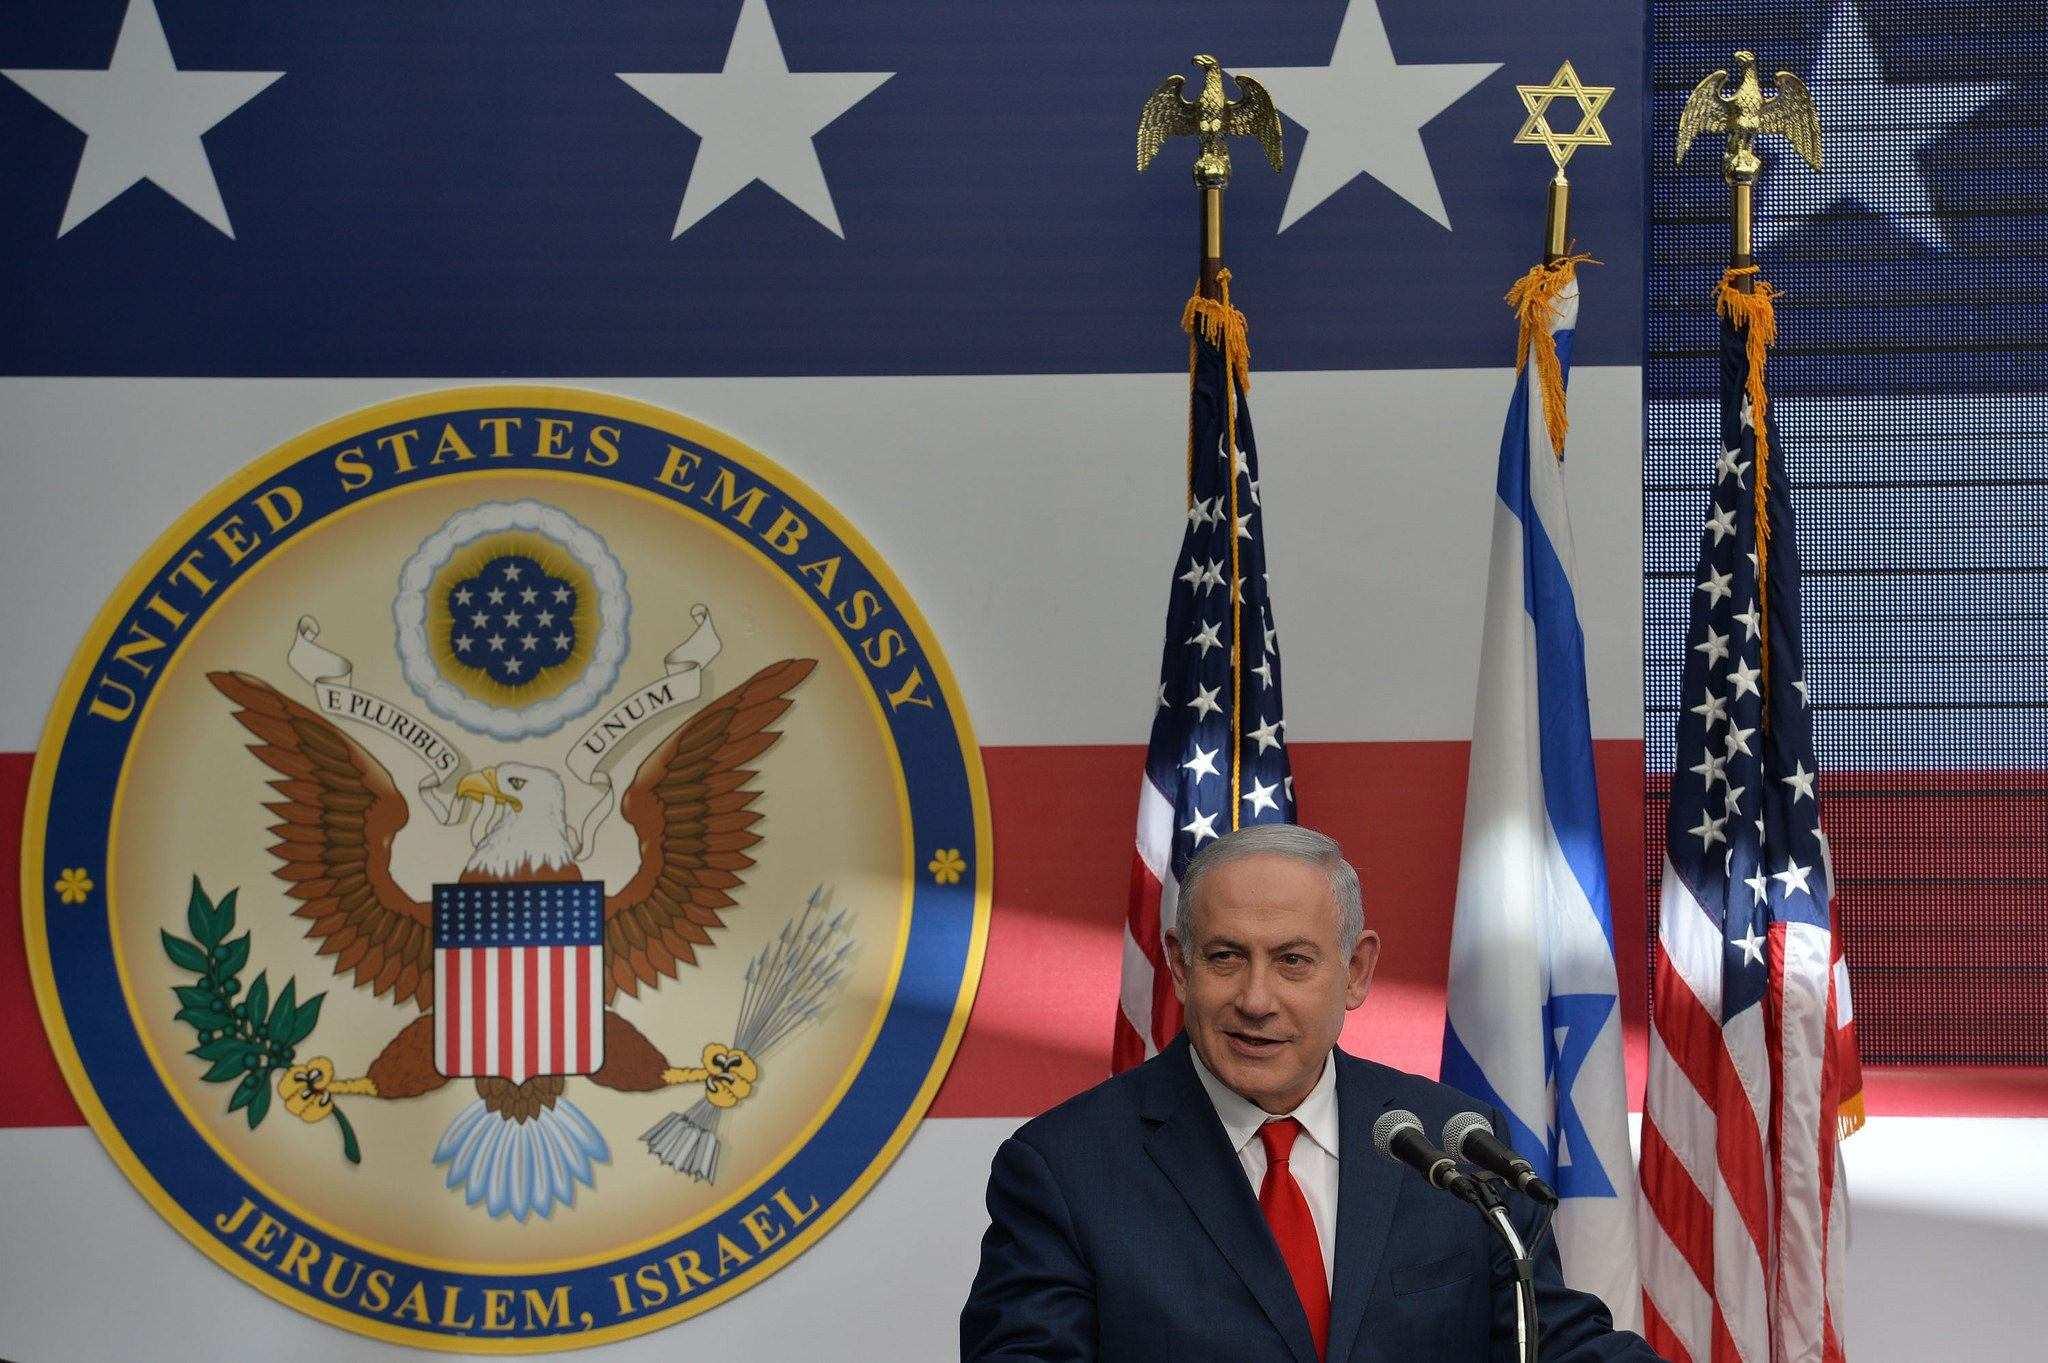 Benjamin Netanyahu var strålende fornøyd under åpningen av USAs ambassade i Jerusalem. (Foto: Avi Ohayon/Flickr)